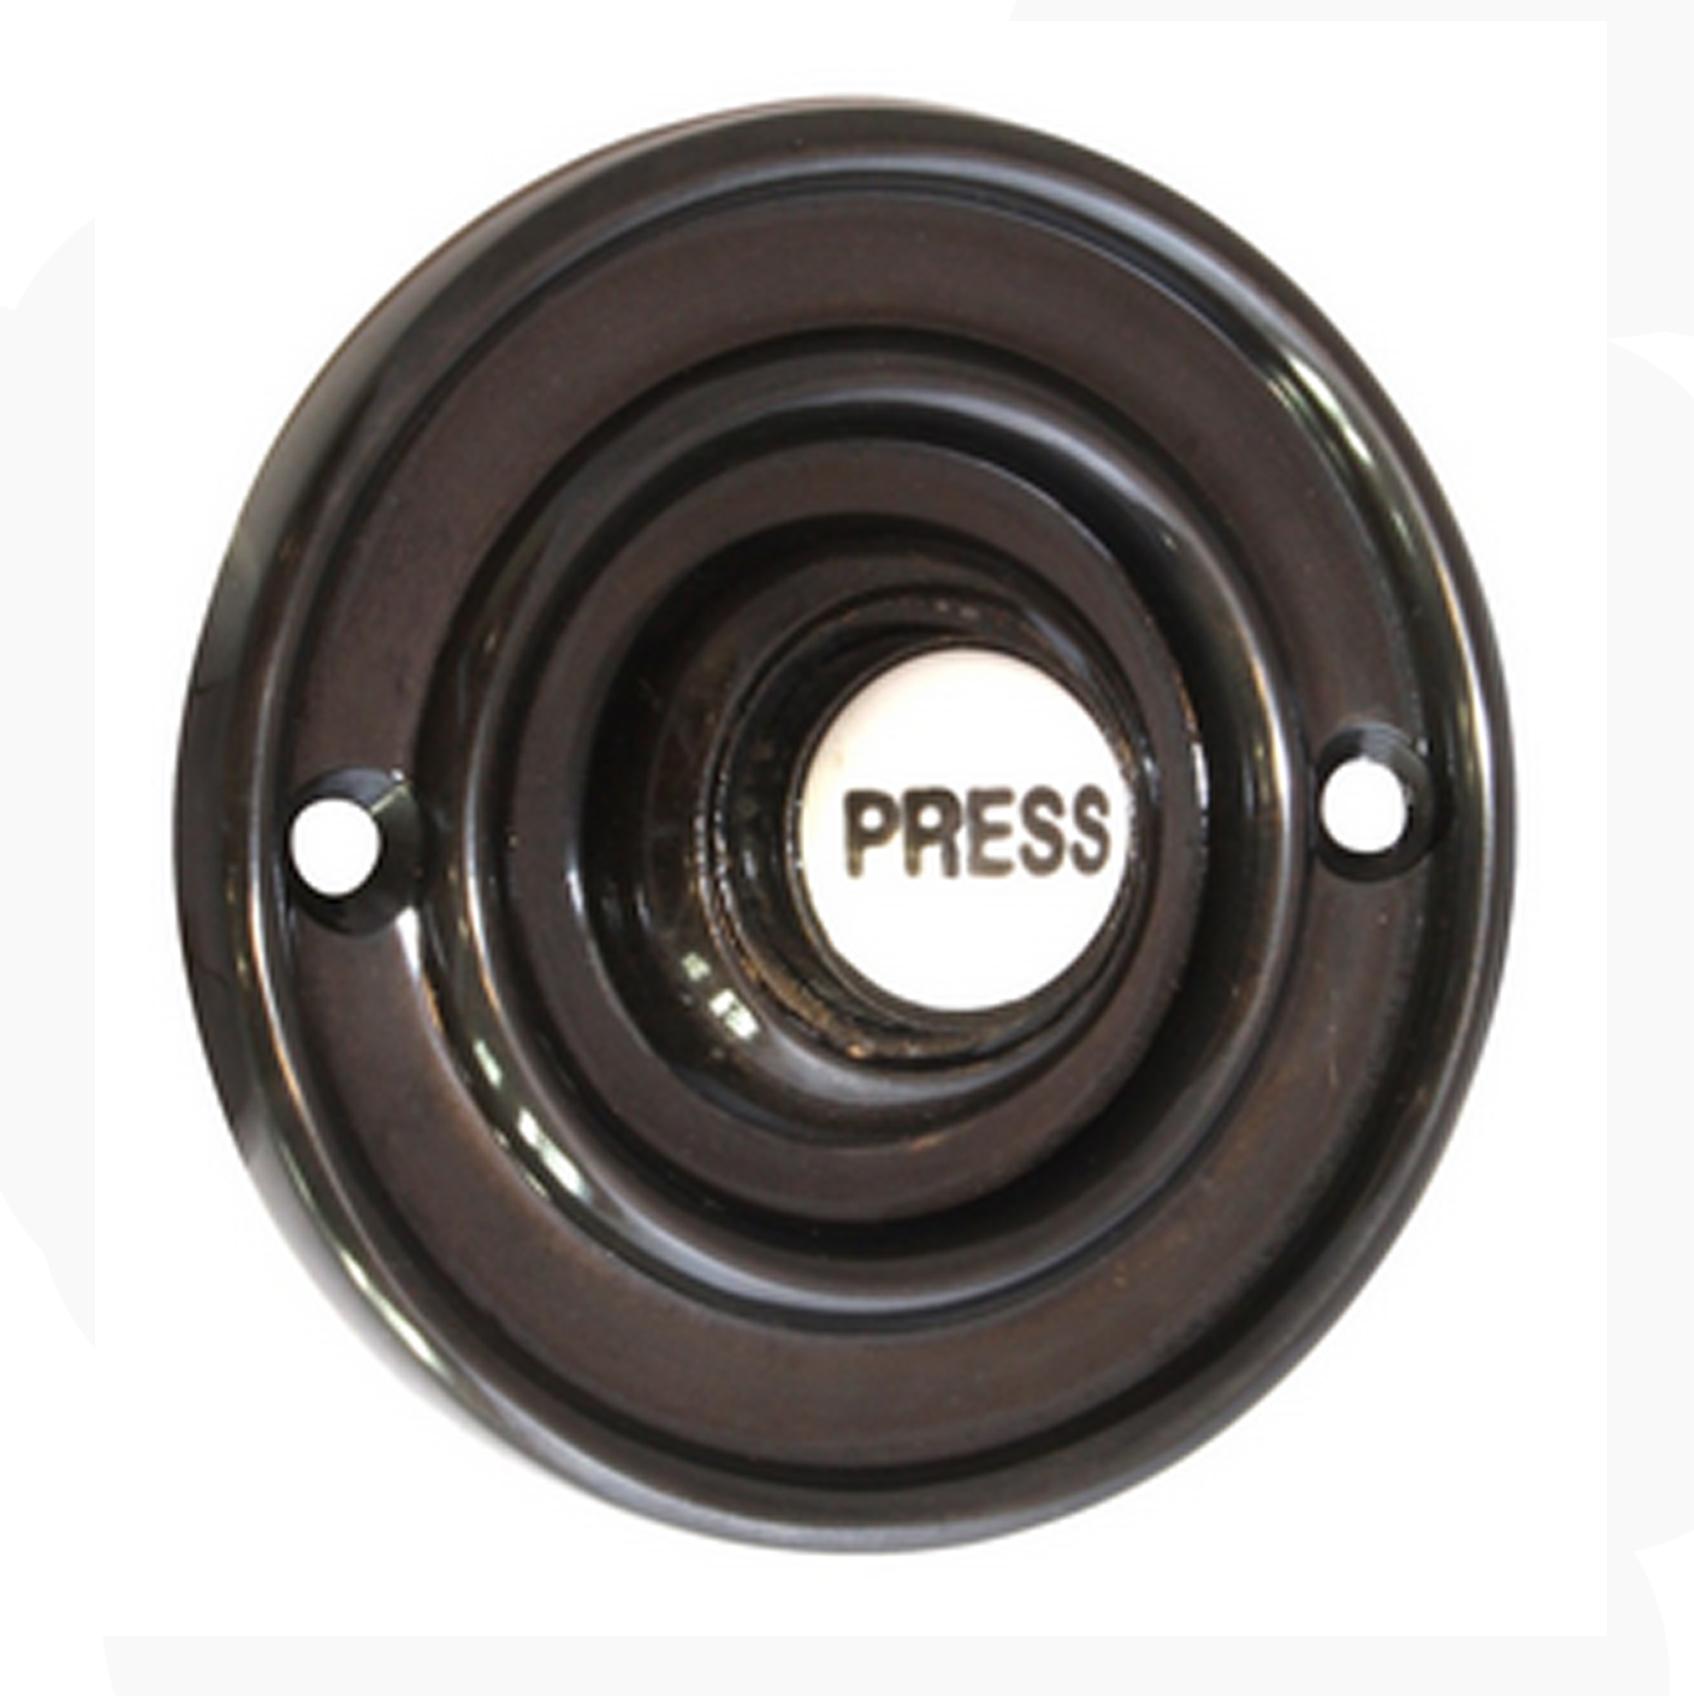 Victorian black doorbell 100mm dia